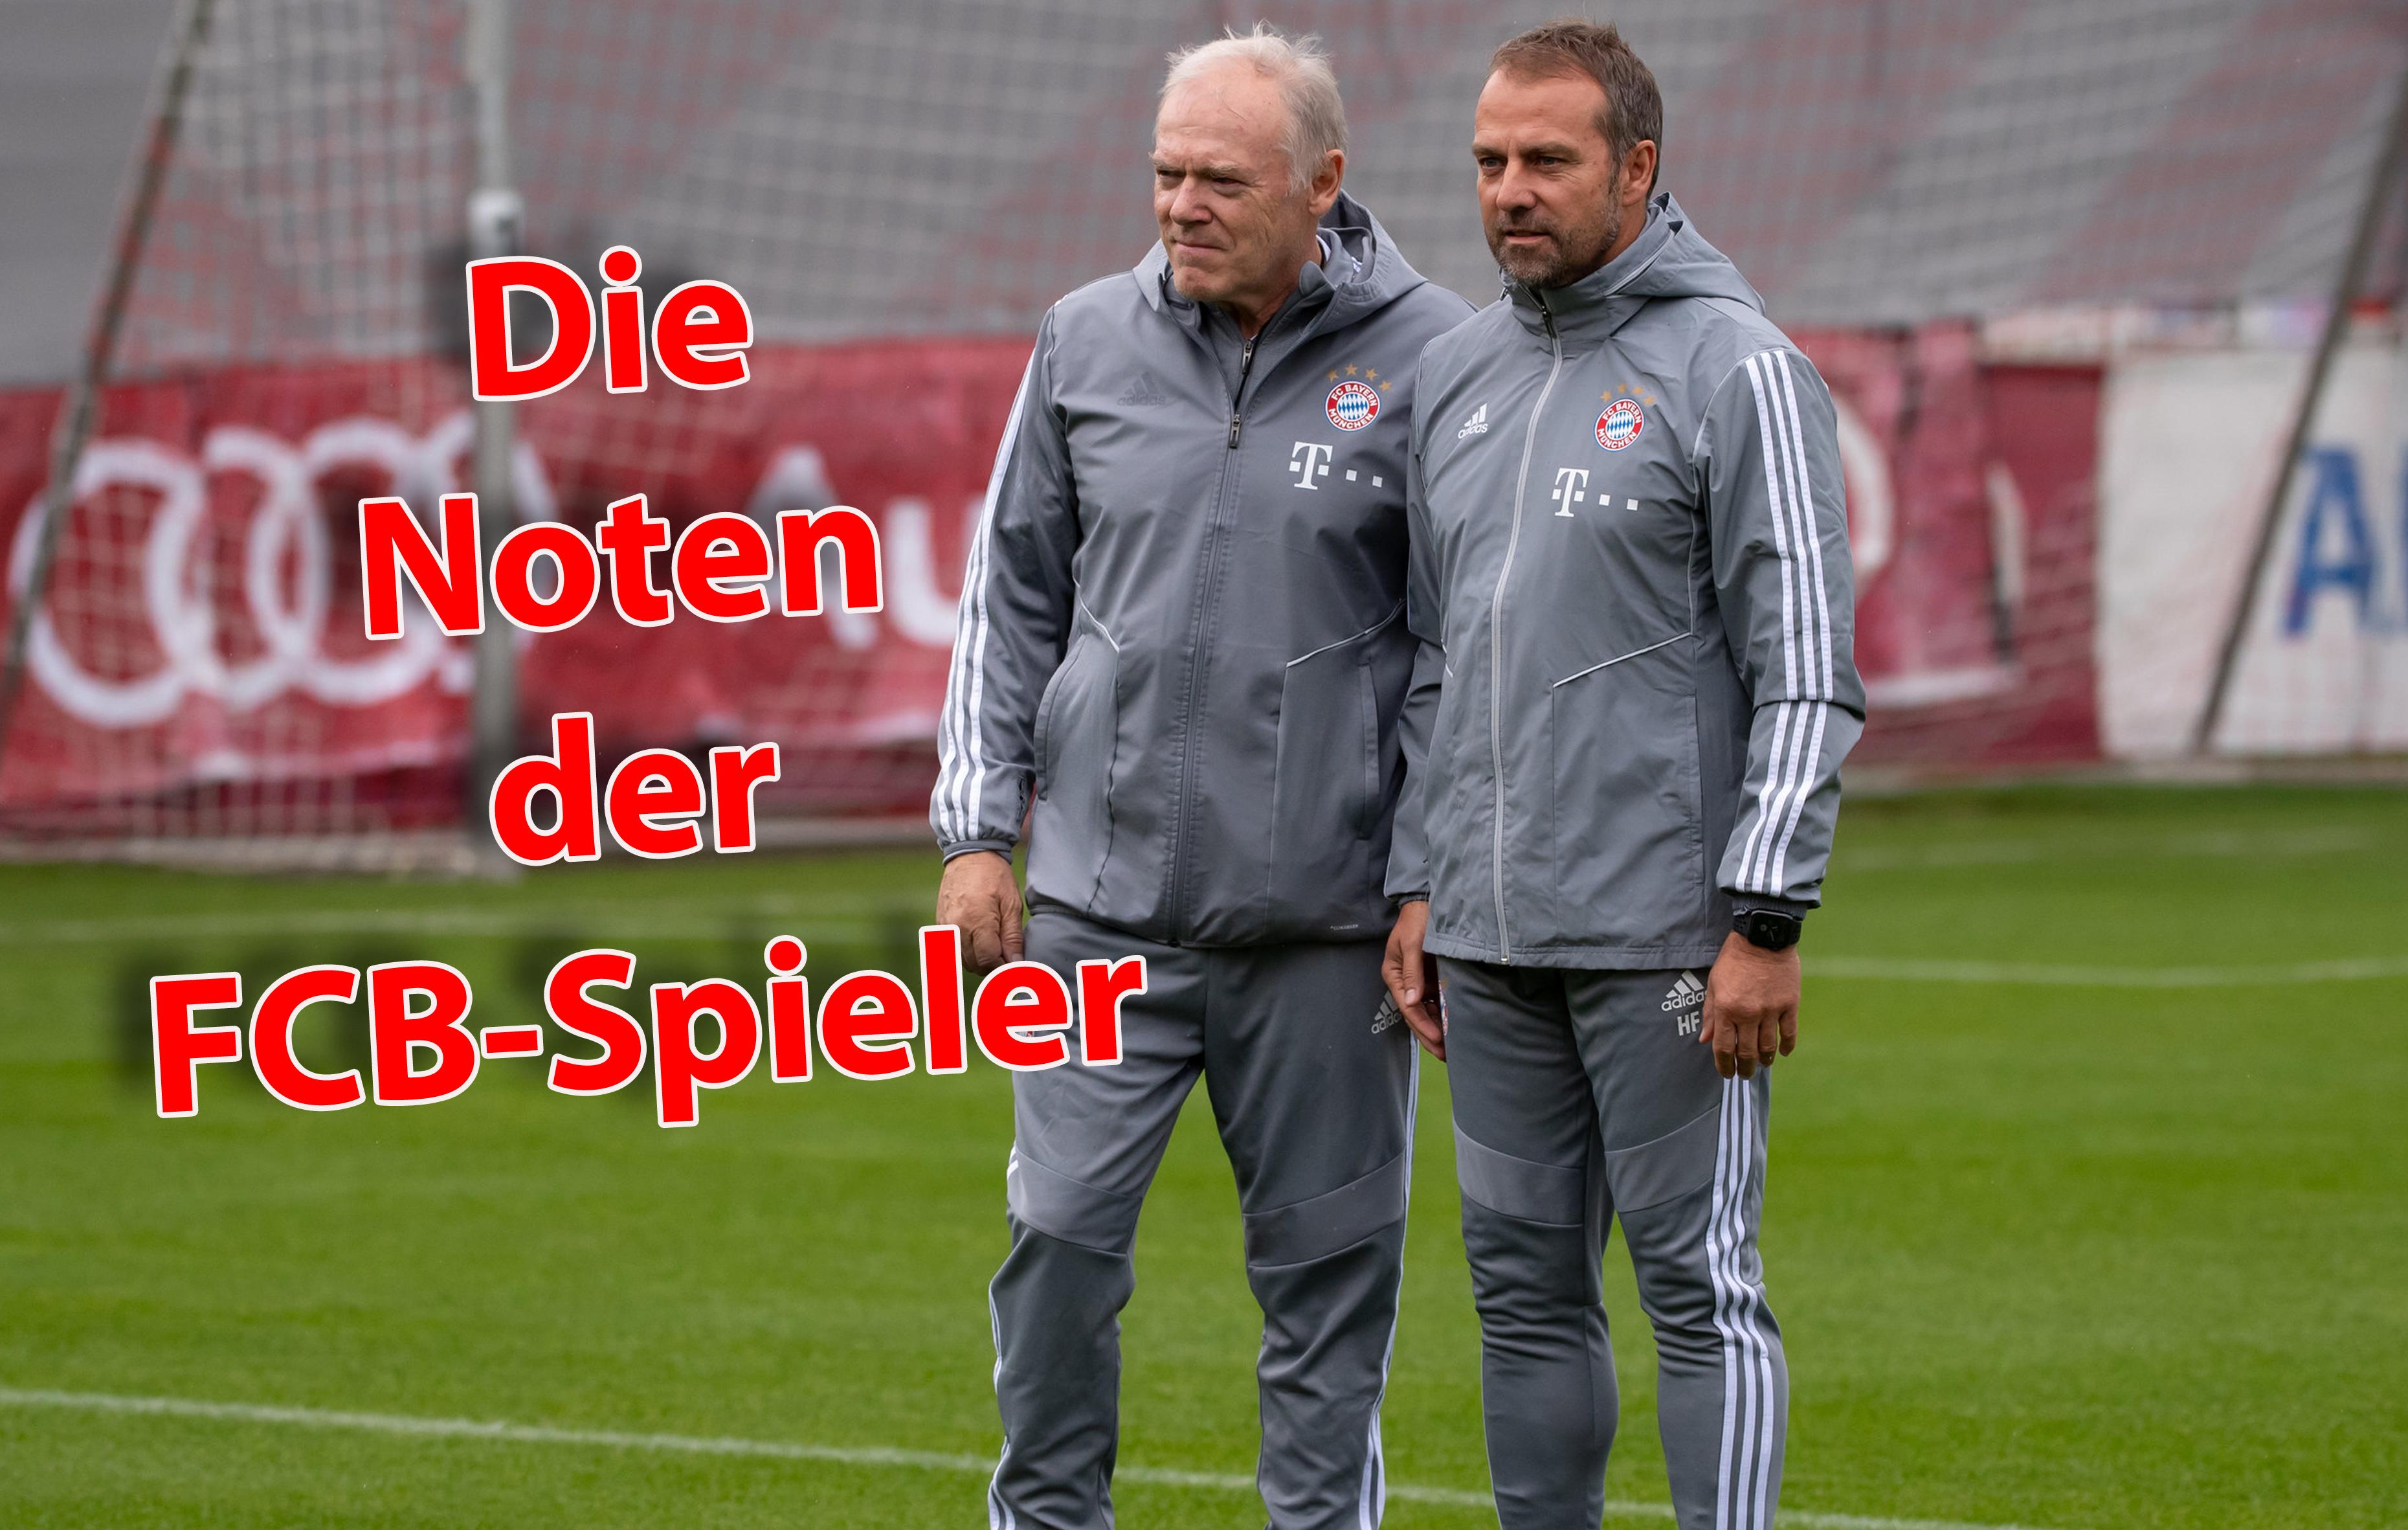 Der FC Bayern gewinnt mit 2:0 gegen den FC Augsburg.